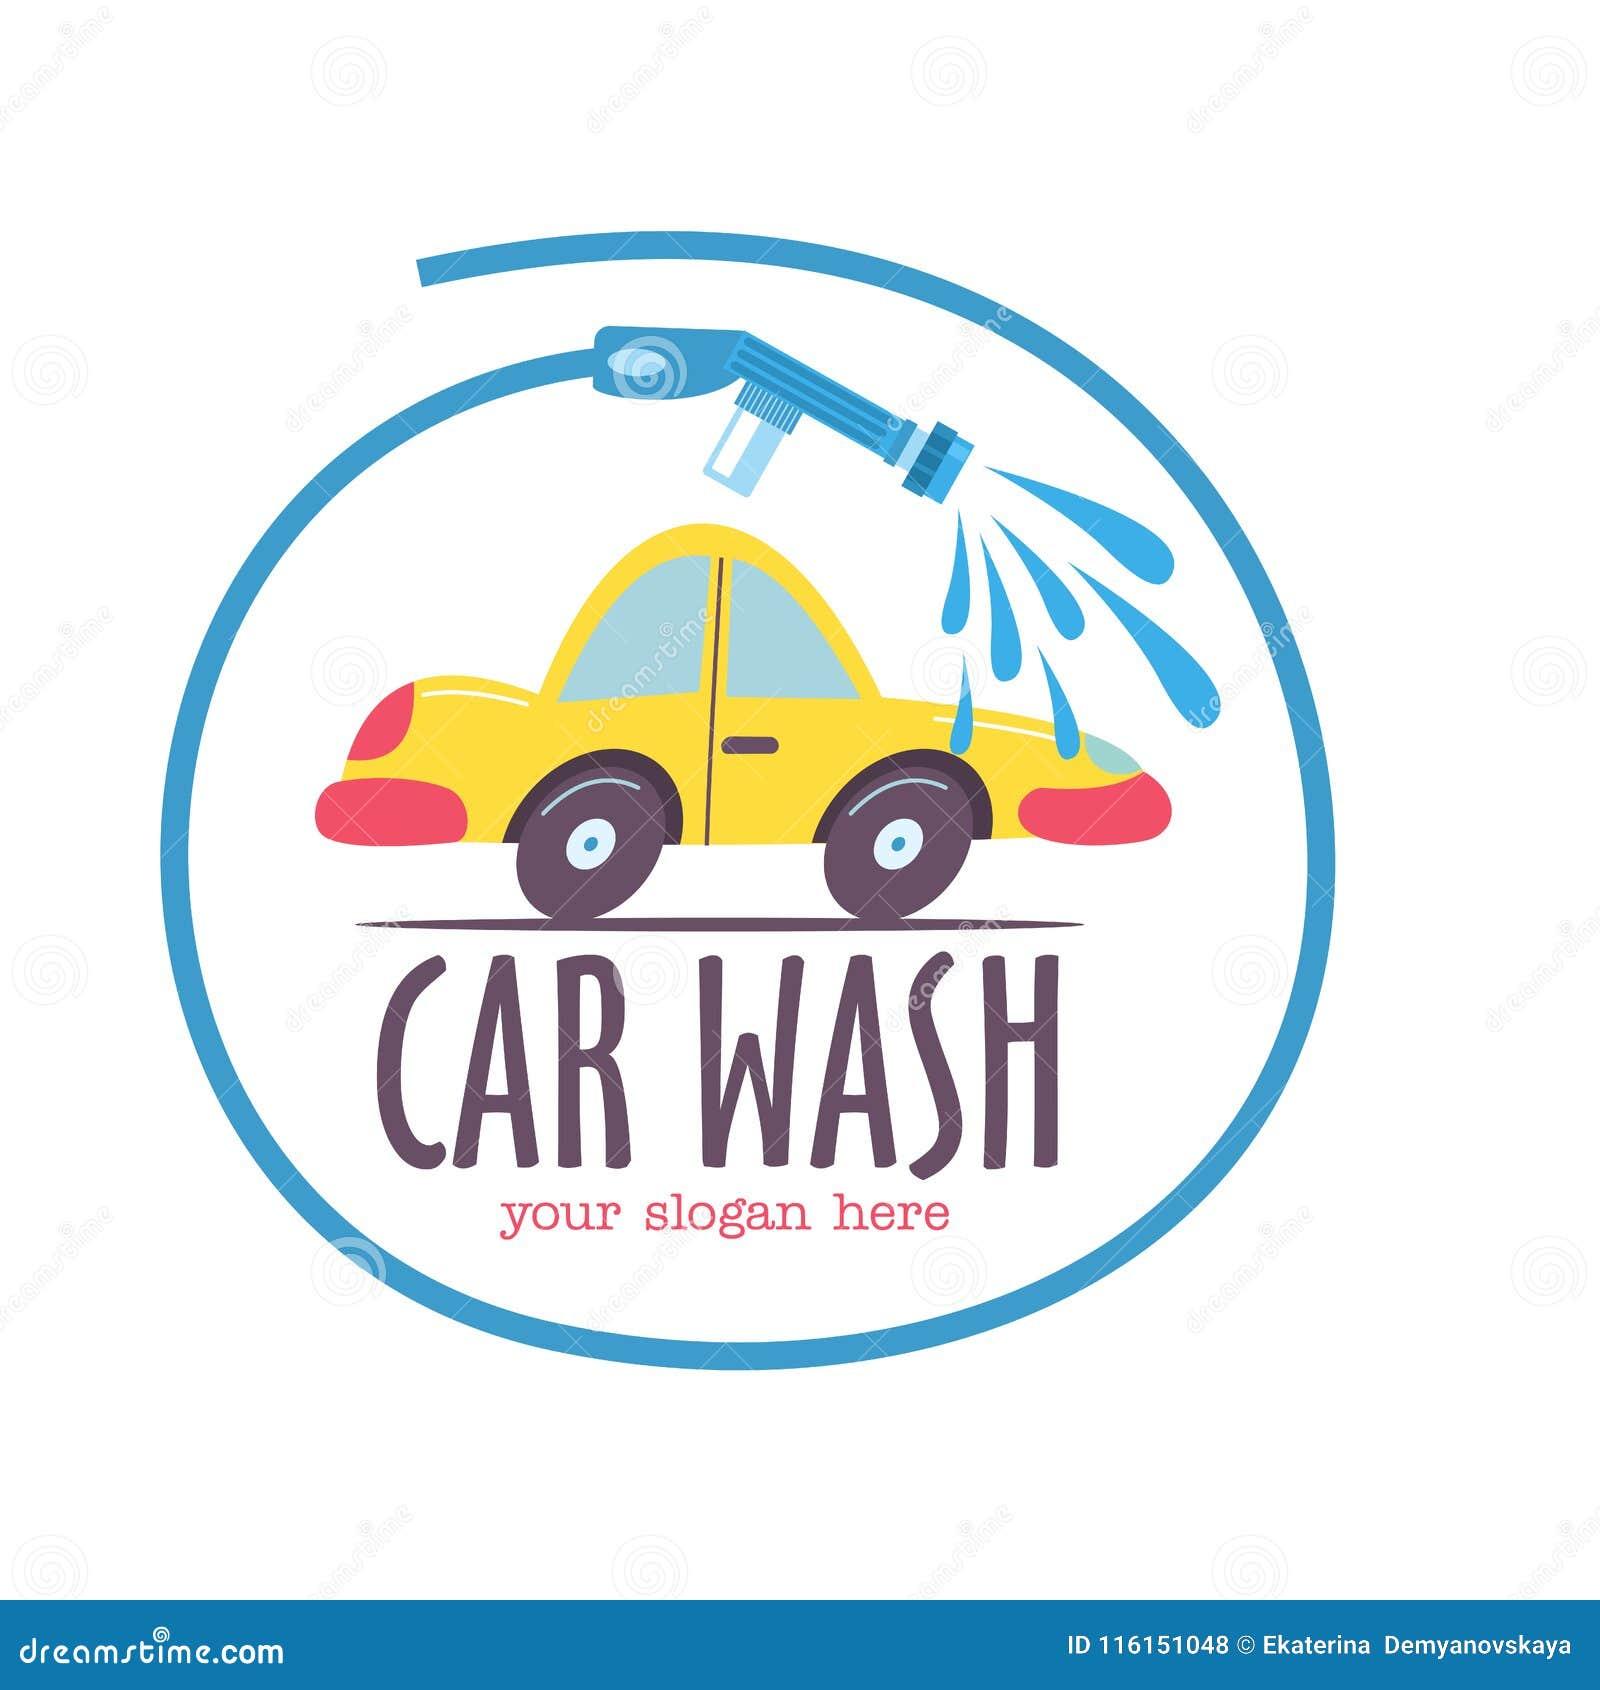 För slangmaskin för bil clean wash för svamp Bil i tecknad filmstil på biltvätten emblem